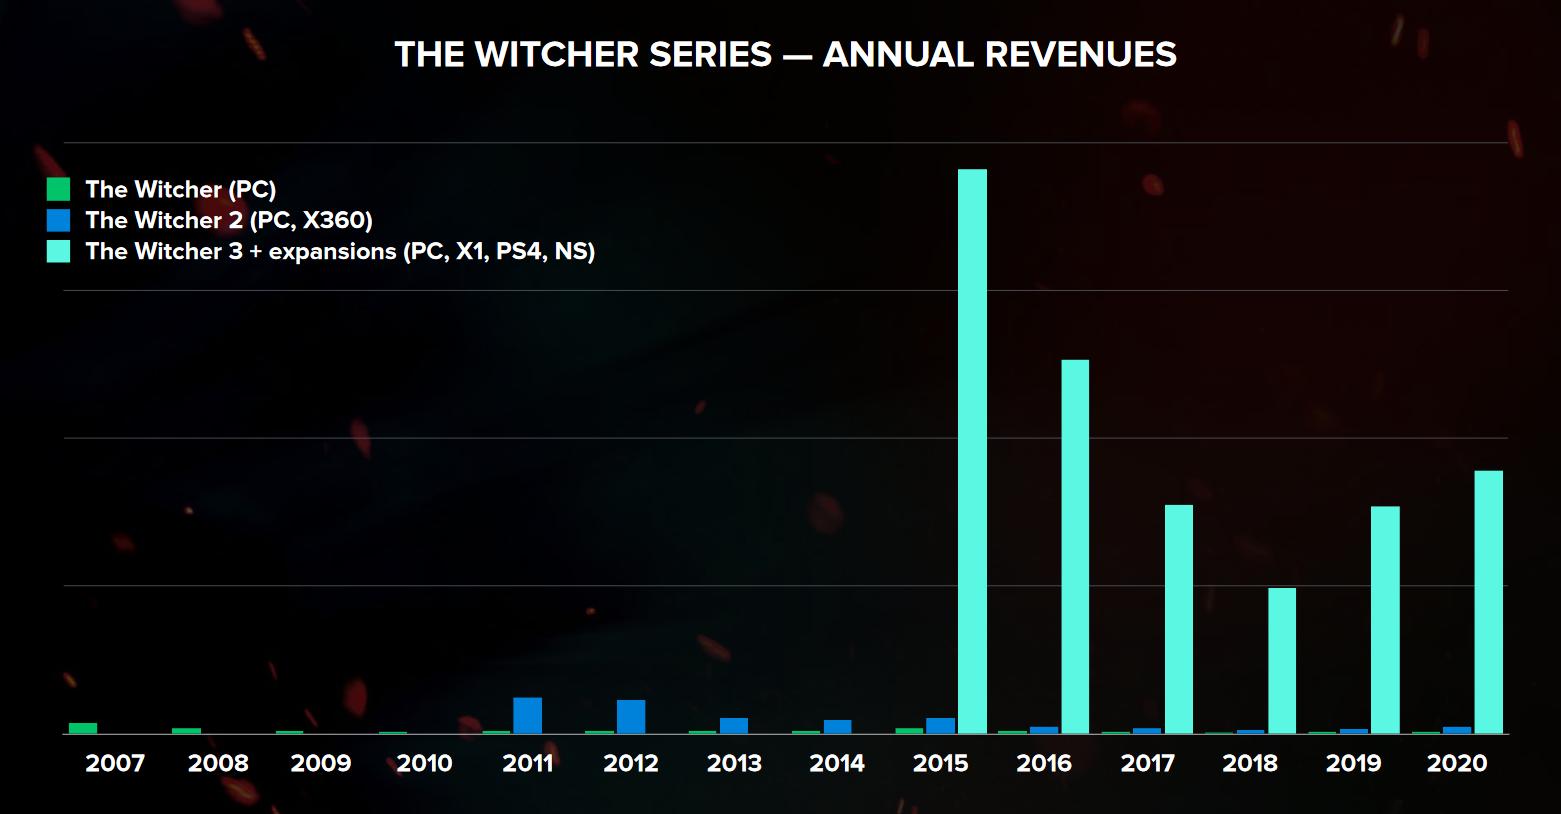 Na grafu z prezentace CD Projekt lze vidět, že zájem o třetí díl Zaklínače v posledních letech nepolevoval. Popularitě značky pomáhá i seriál od Netflixu, který vyšel ke konci roku 2019 a nedávno bylo dokončeno natáčení druhé série.